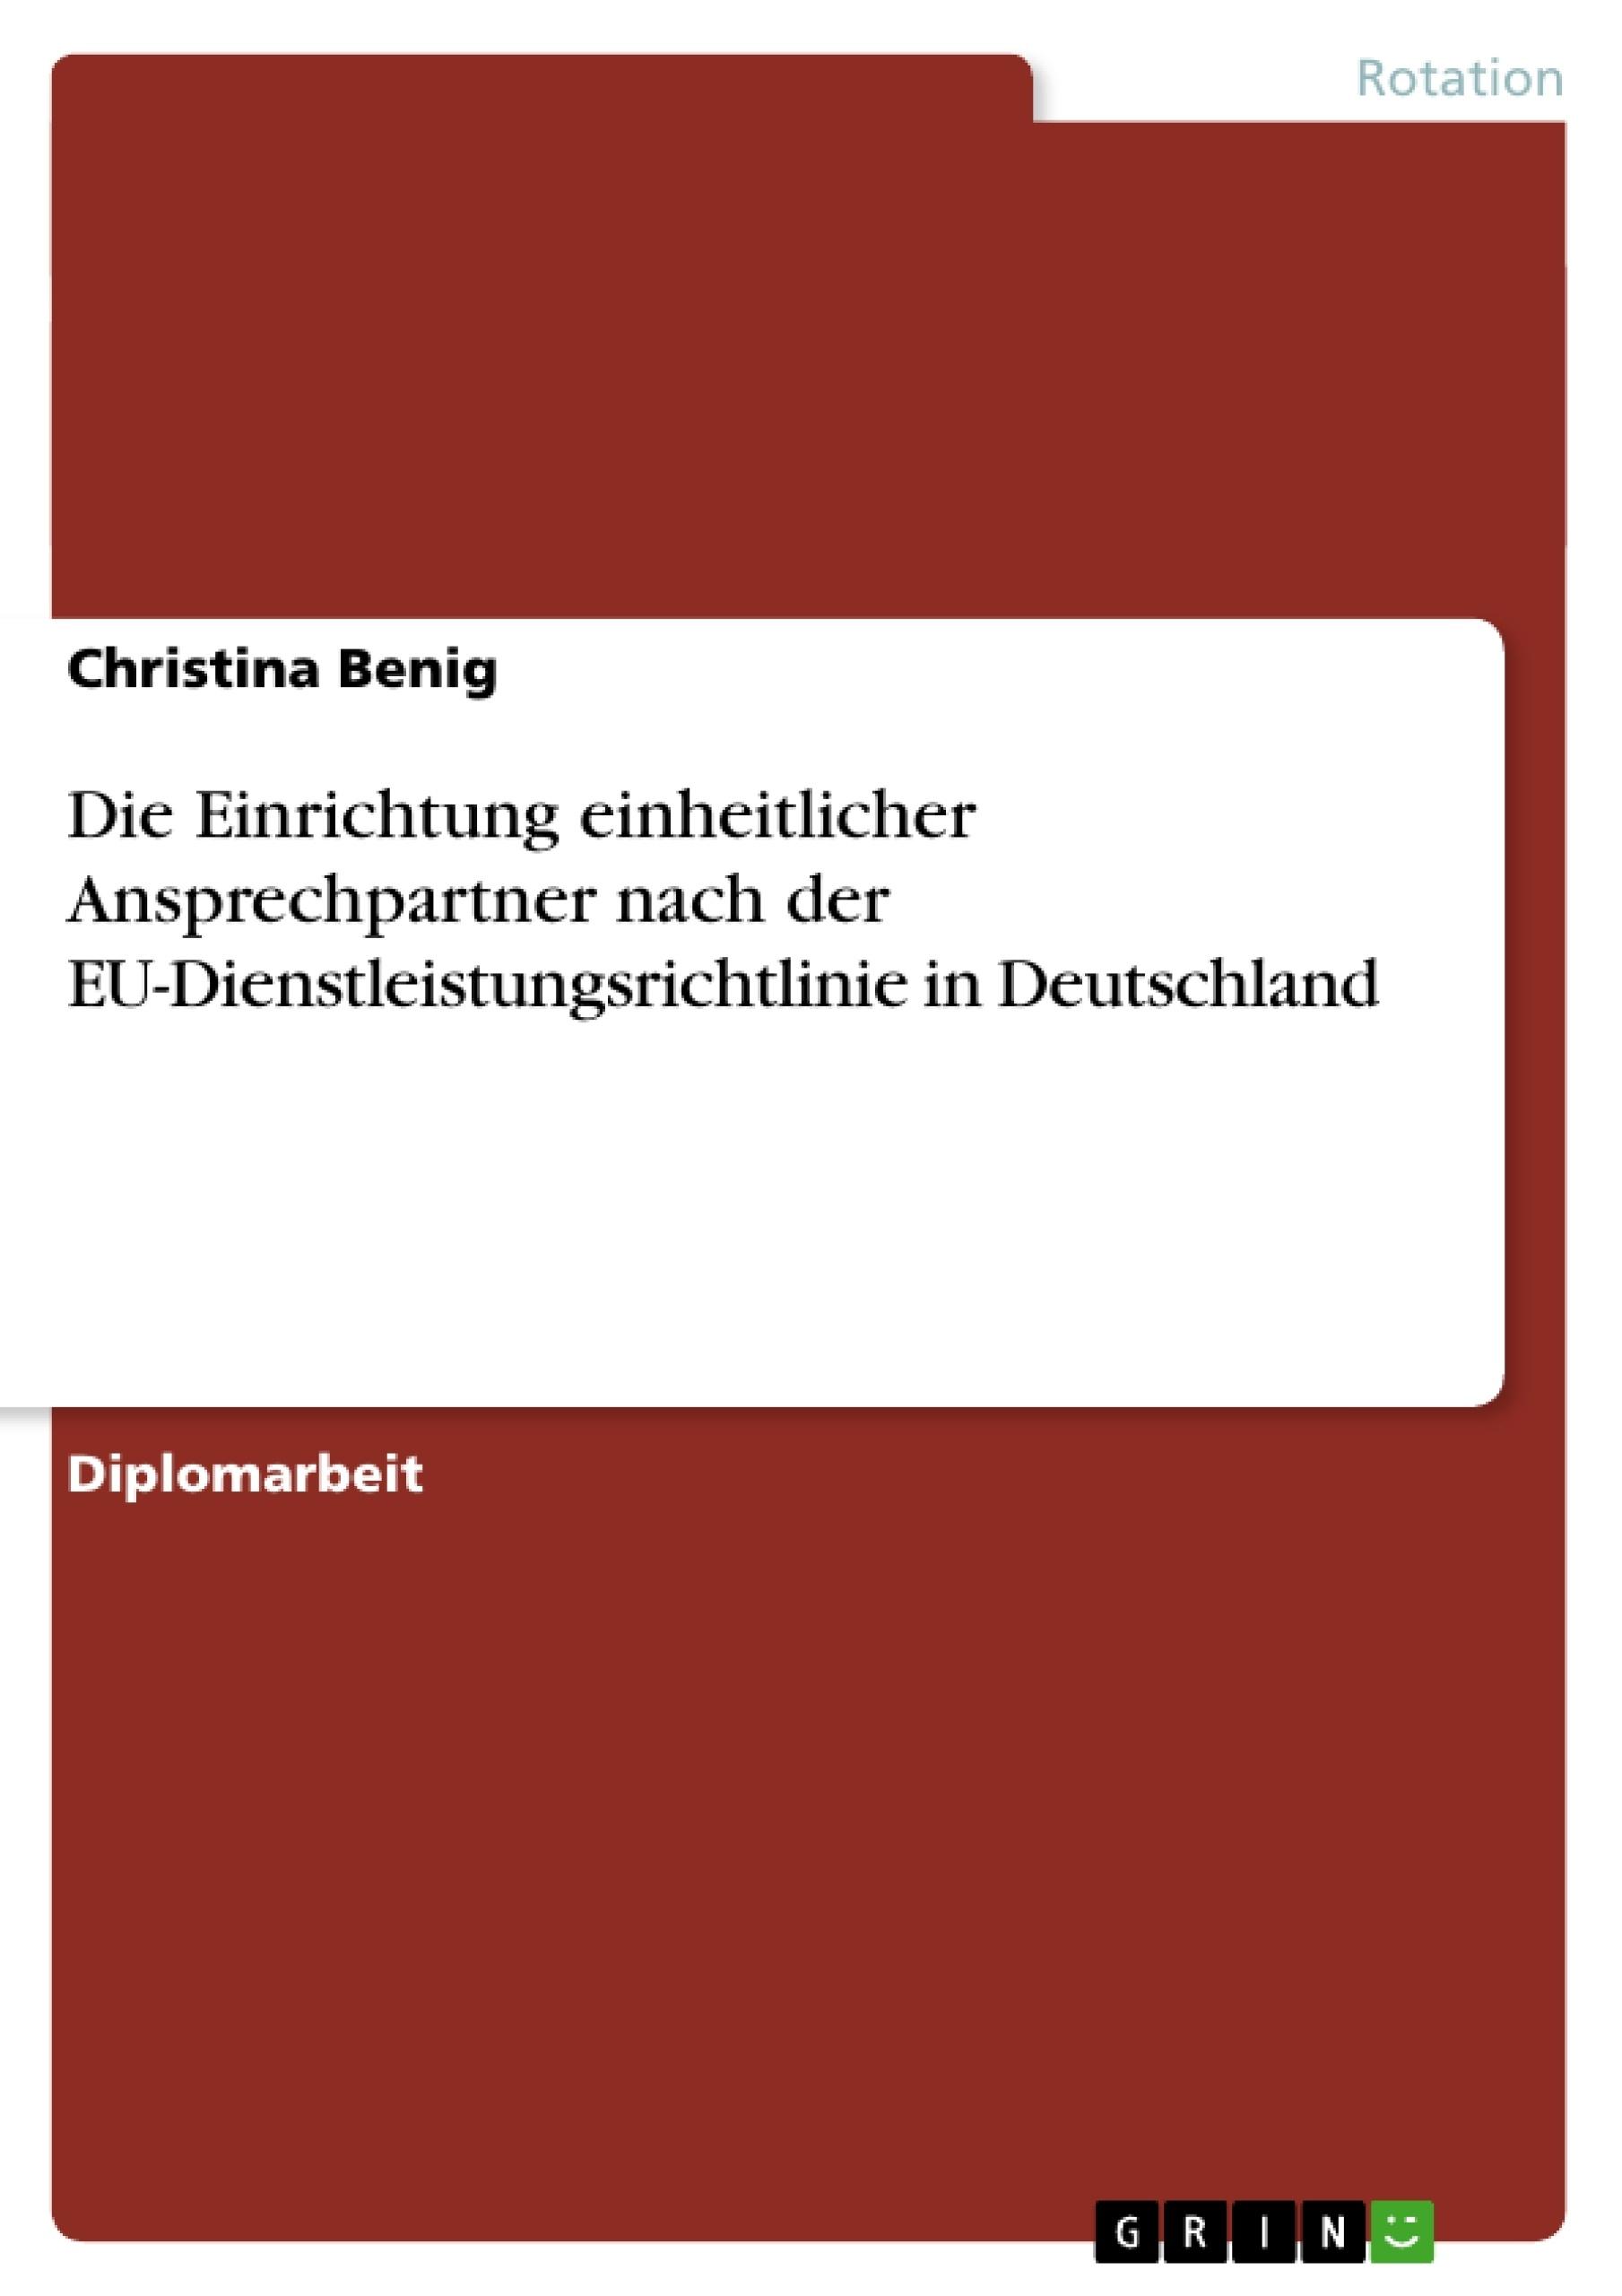 Titel: Die Einrichtung einheitlicher Ansprechpartner nach der EU-Dienstleistungsrichtlinie in Deutschland